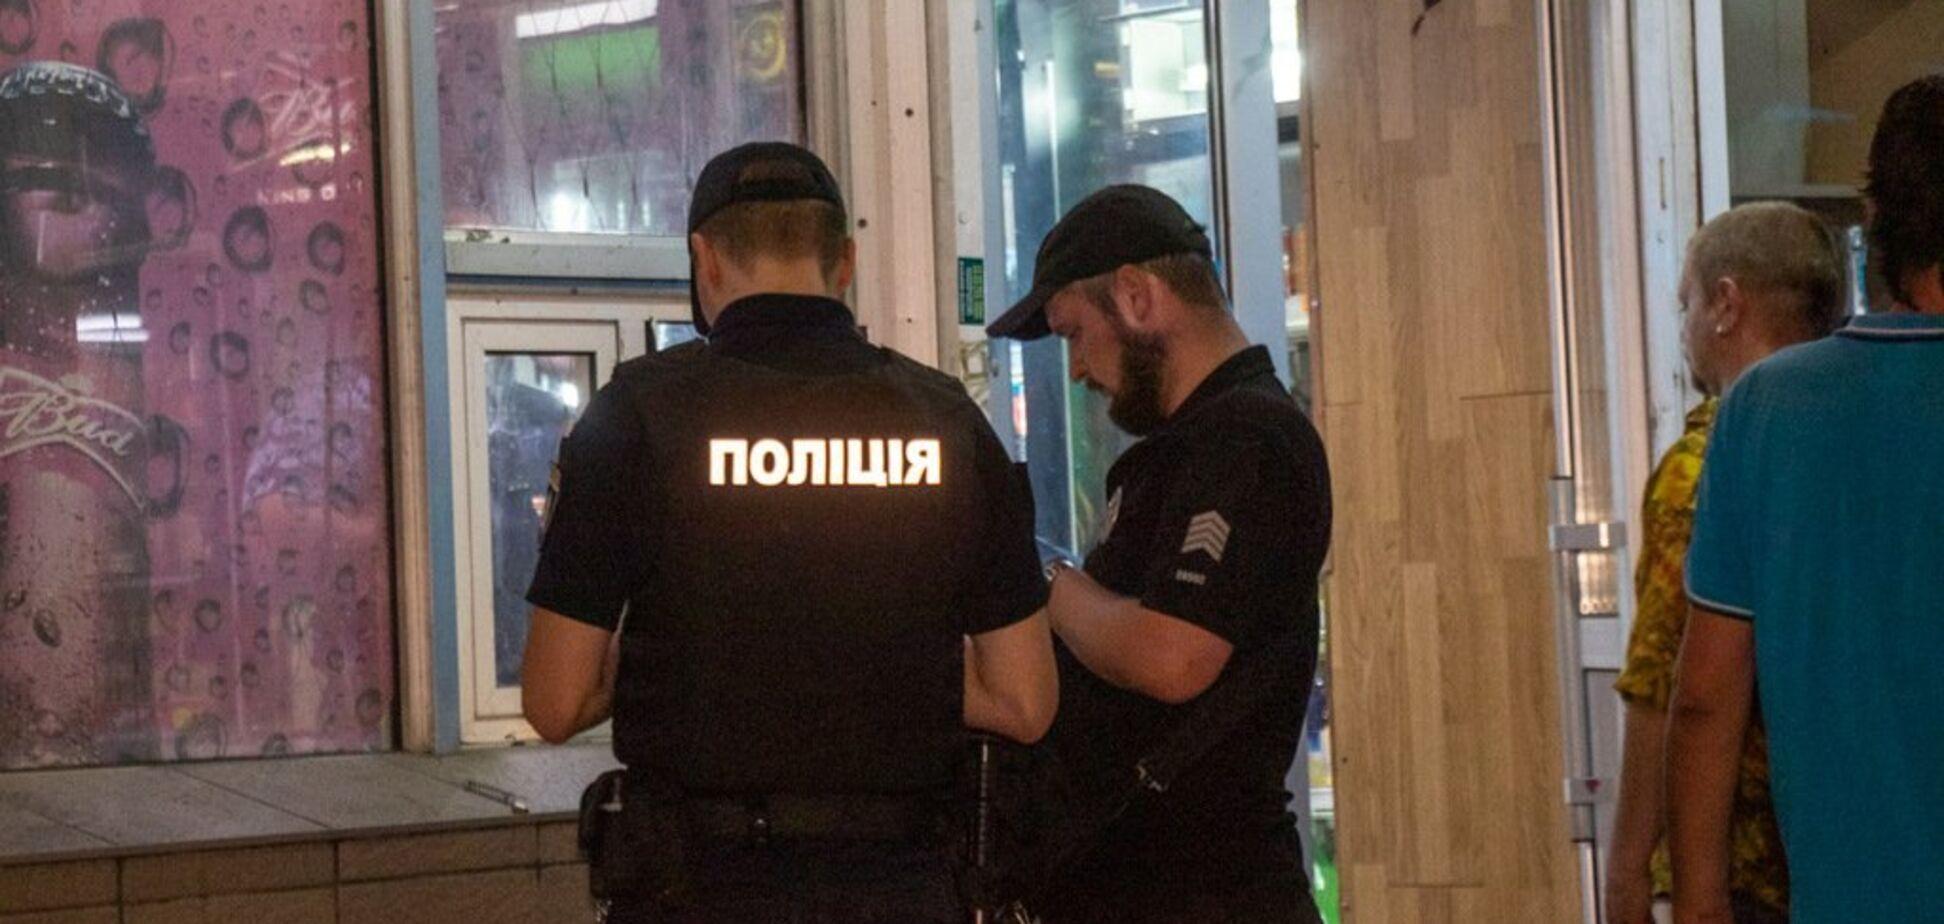 В Киеве мужчина с собакой устроил стрельбу на улице: ранена девушка